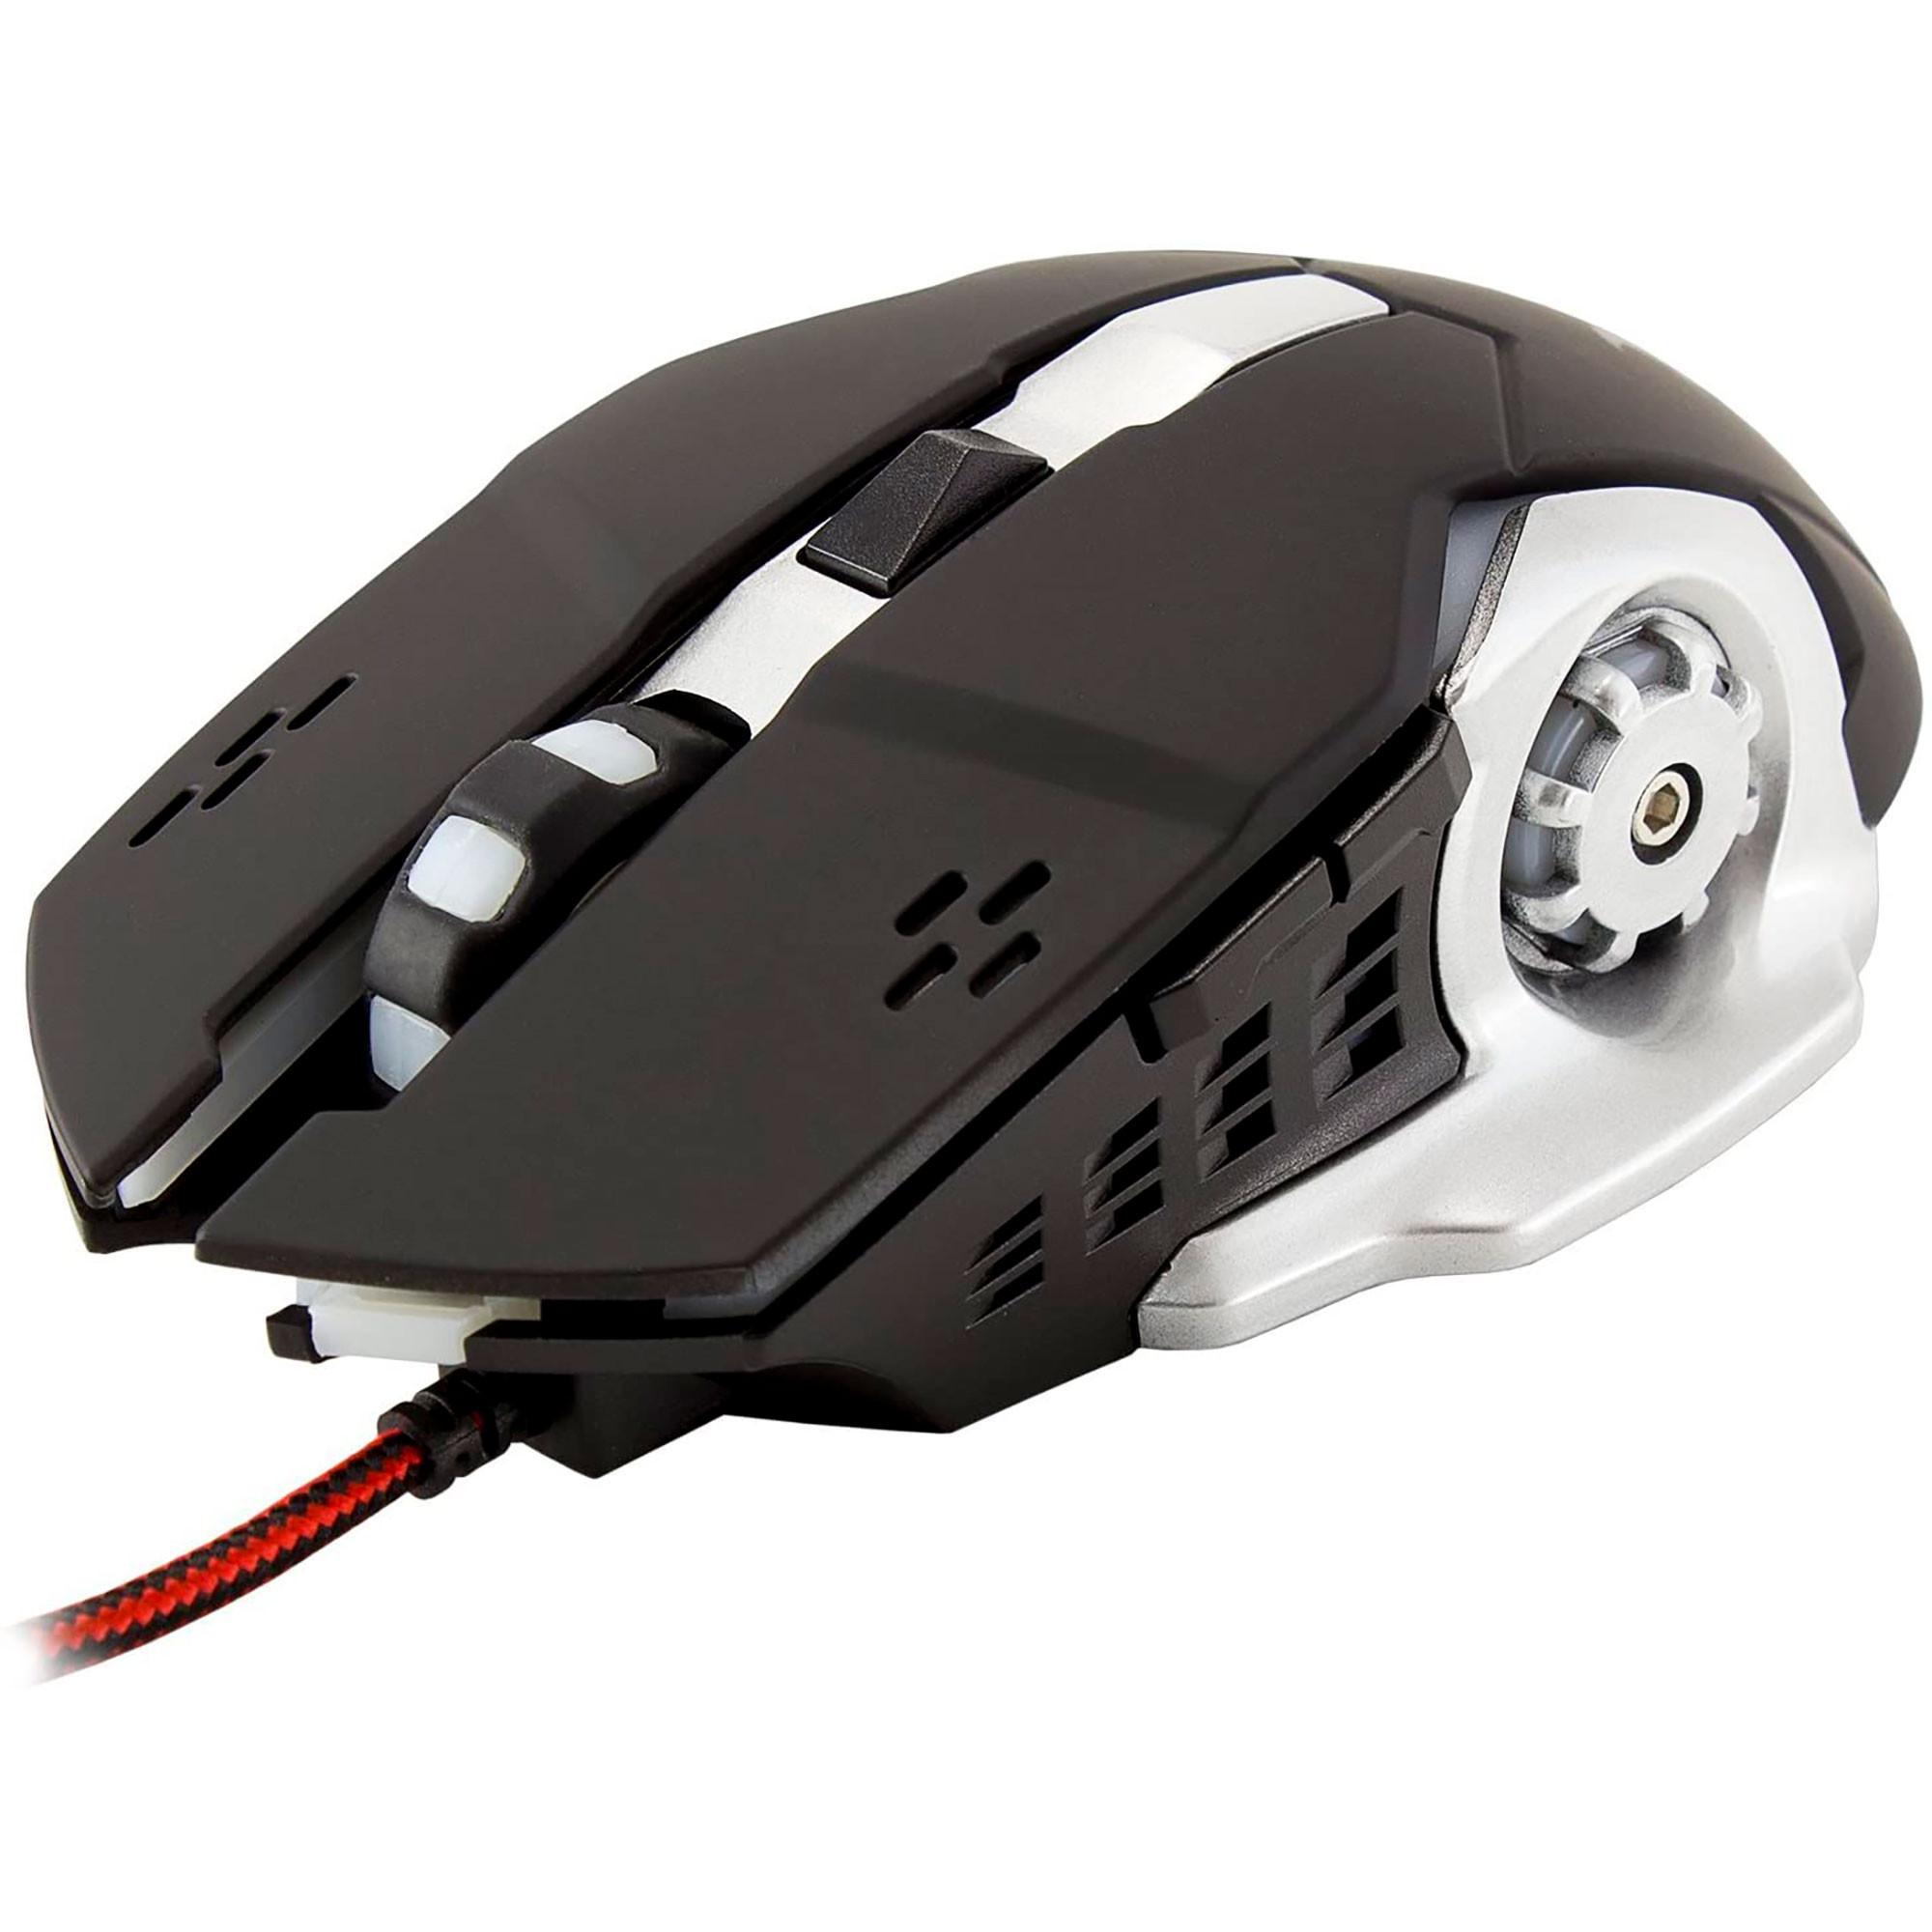 White Shark Leonidas,Ratón Gaming con Cable para PC, Óptico, 3200 dpi, 6 Botones Programables, Retroiluminación, Windows7/8/10/Xp/Vista